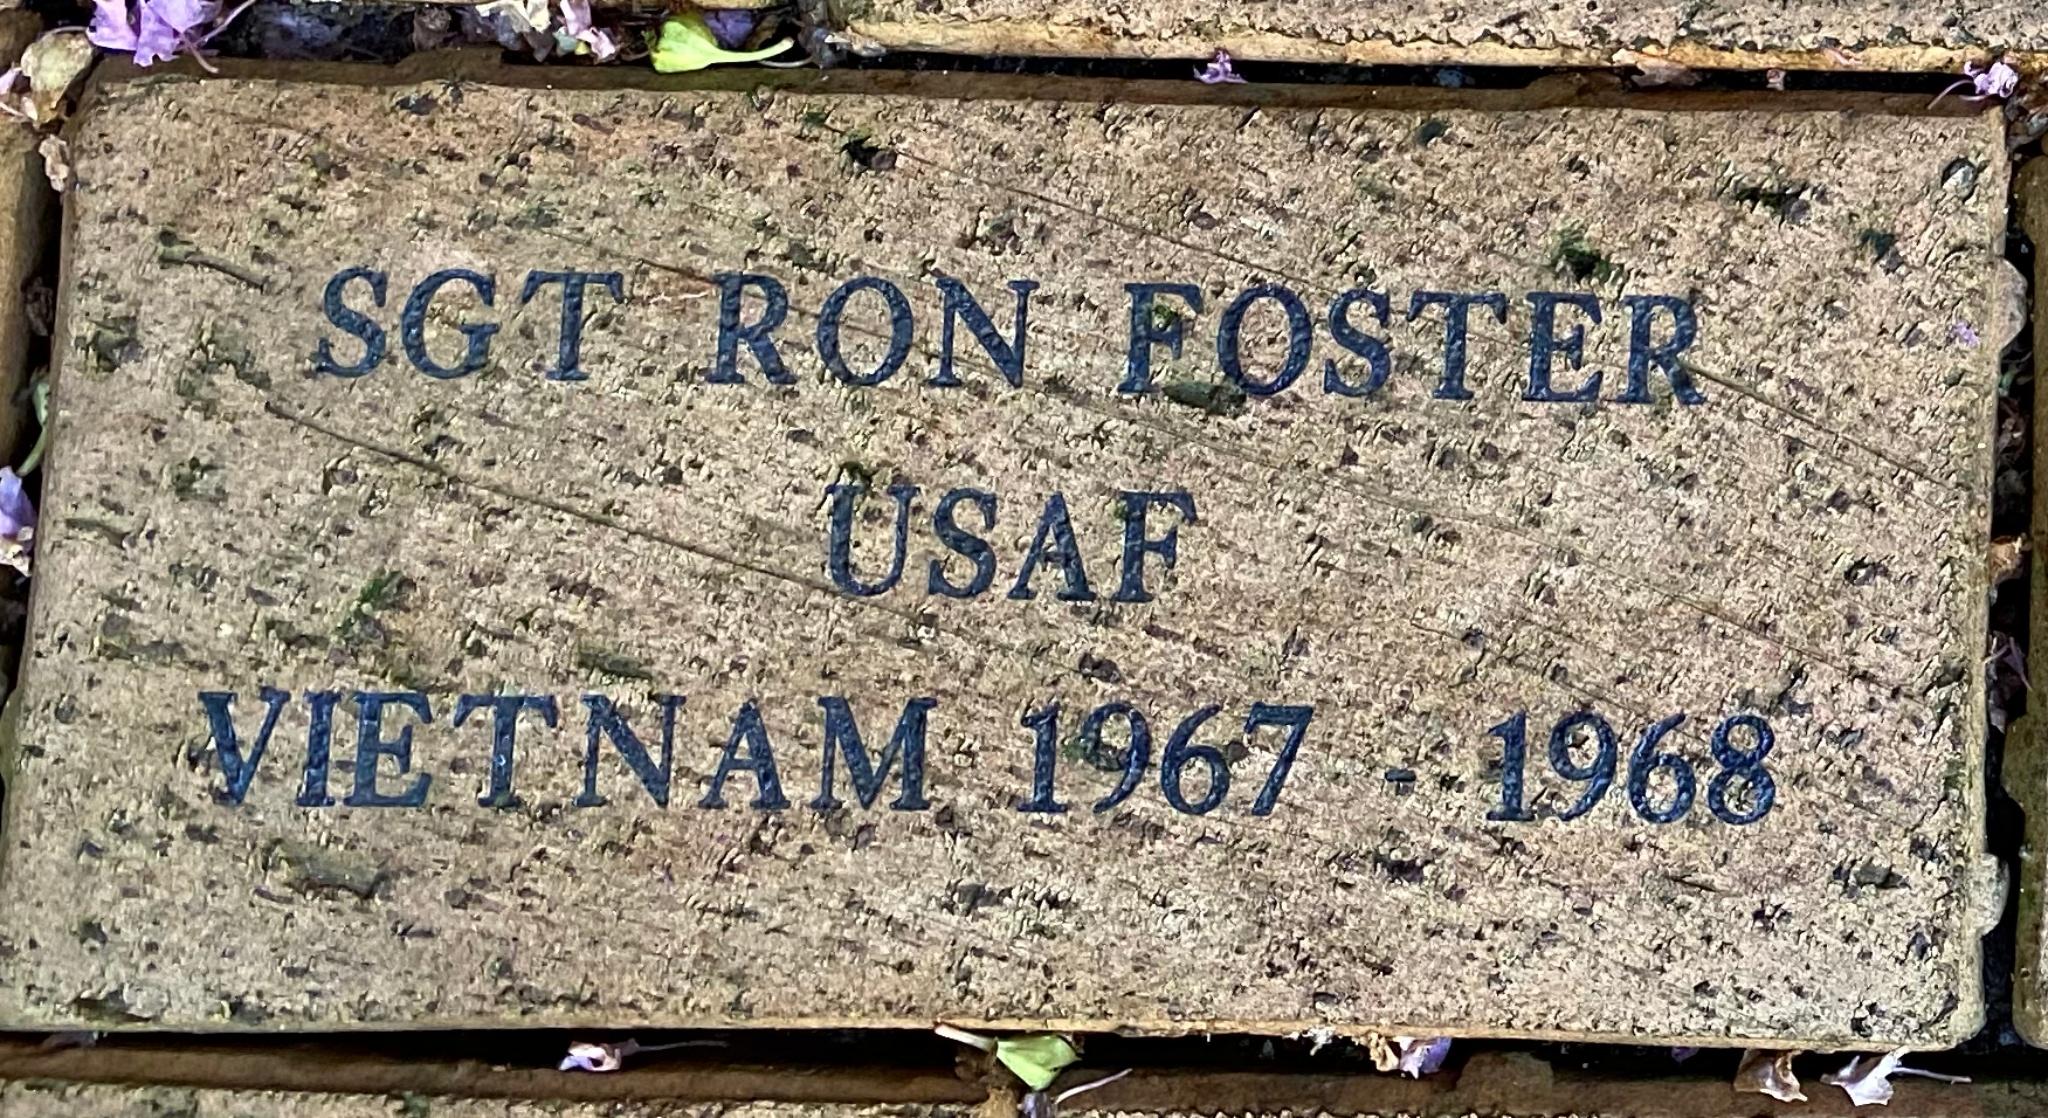 SGT RON FOSTER USAF VIETNAM 167 – 1968